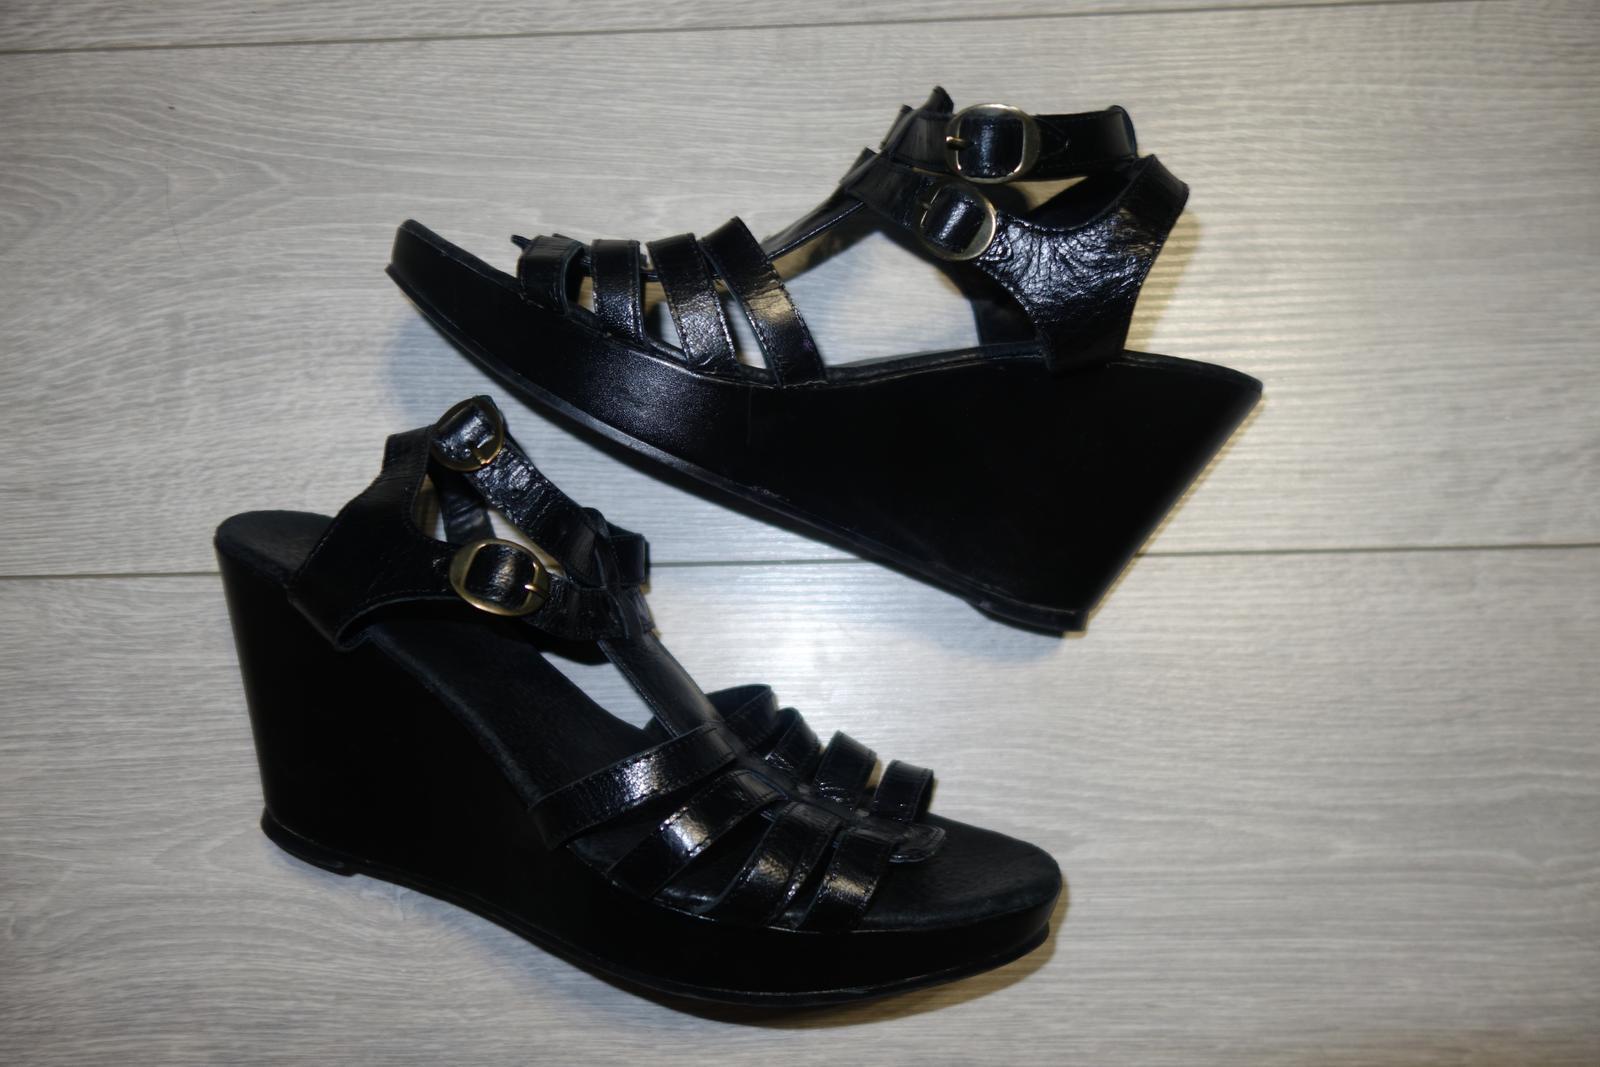 Čierne kožené sandále značky Emma  - Obrázok č. 1